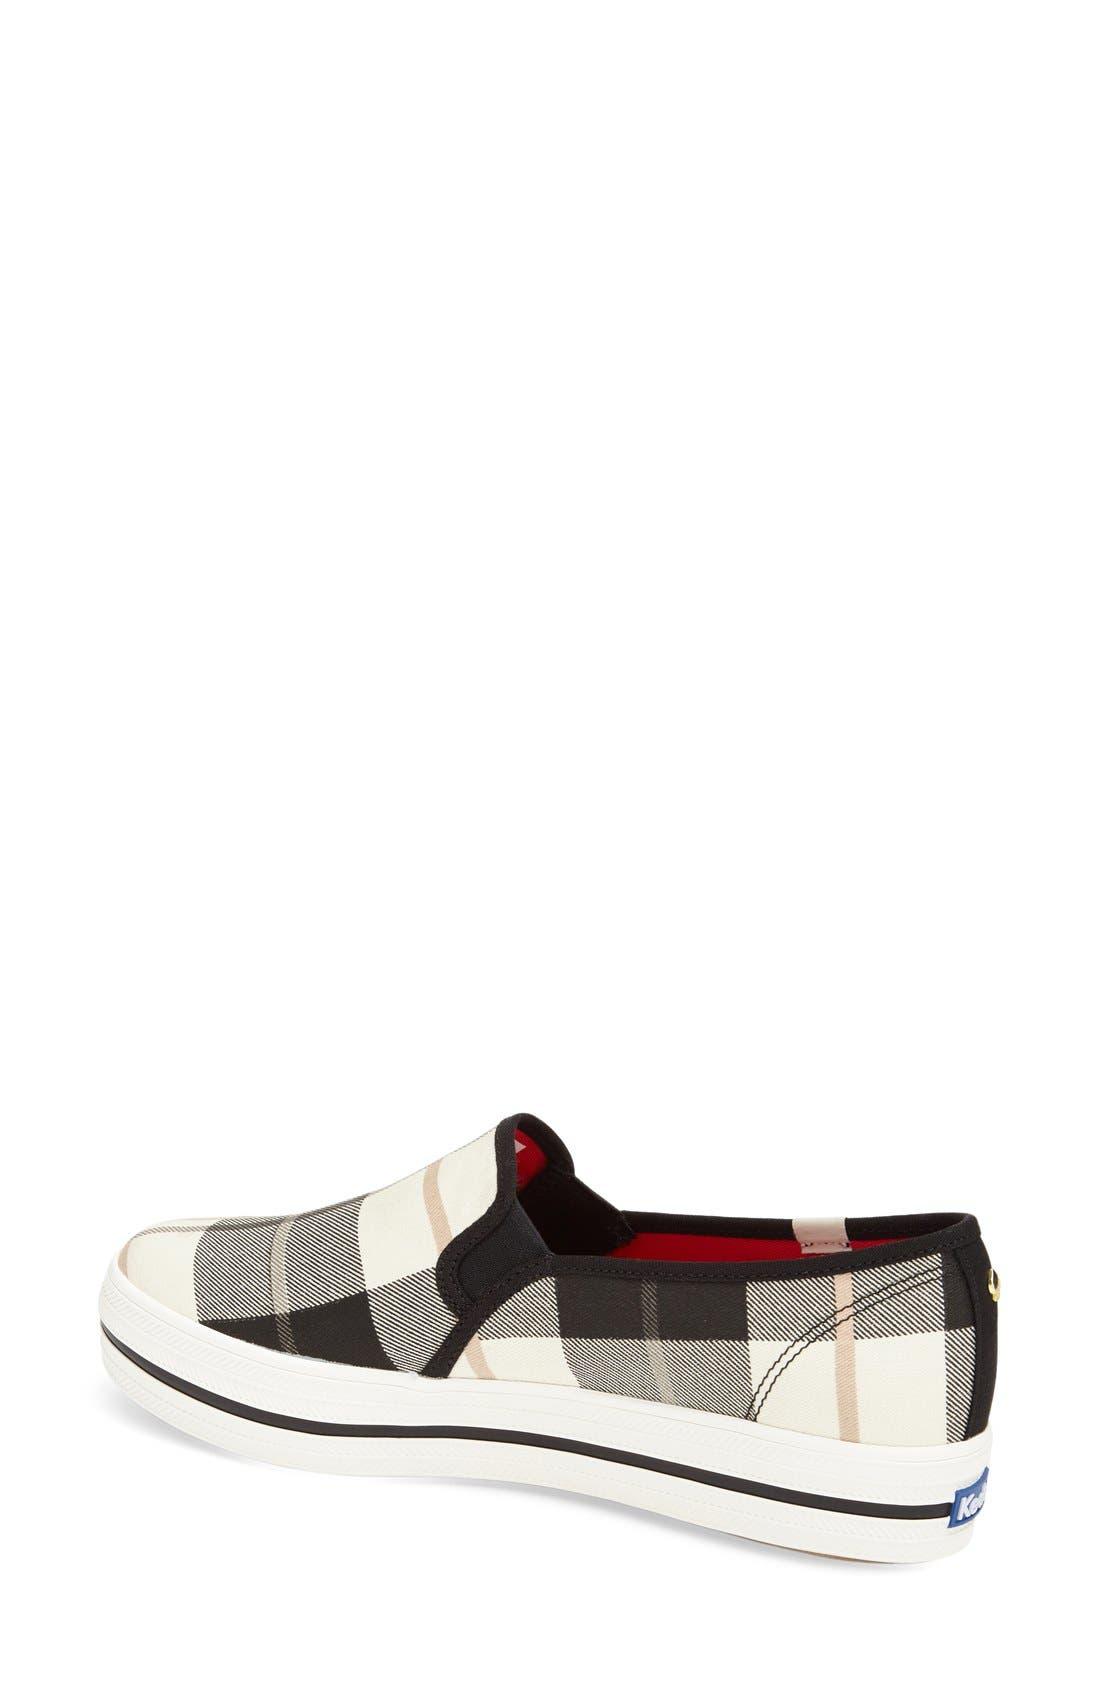 Alternate Image 2  - Keds® for kate spade new york 'decker' slip-on sneaker (Women)